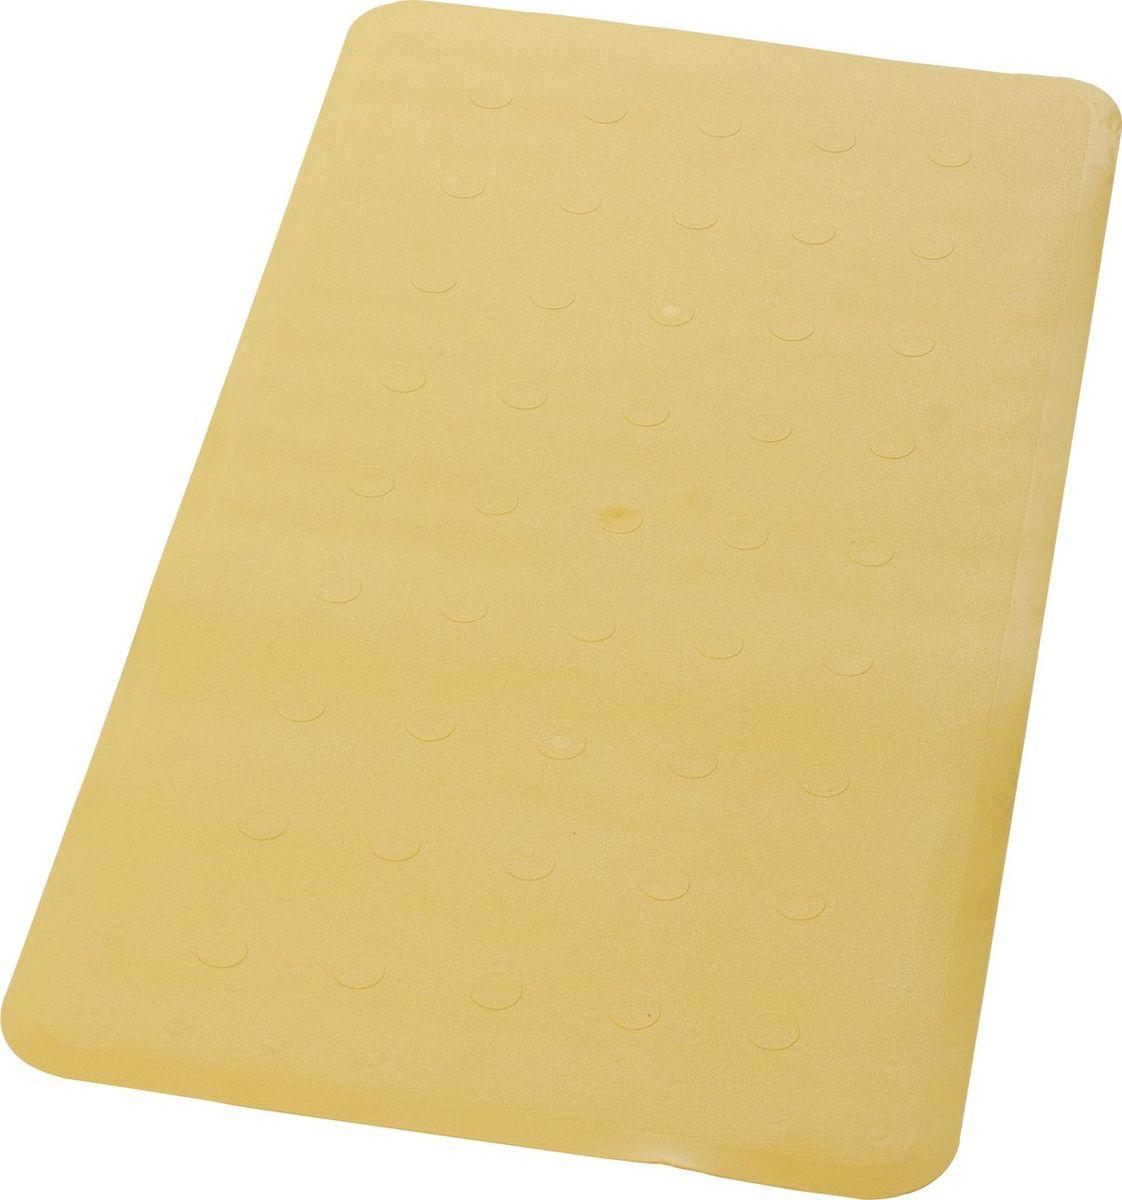 Коврик для ванной Ridder Basic, противоскользящий, на присосках, цвет: желтый, 36 х 71 см babyono коврик противоскользящий для ванной цвет бежевый 70 х 35 см